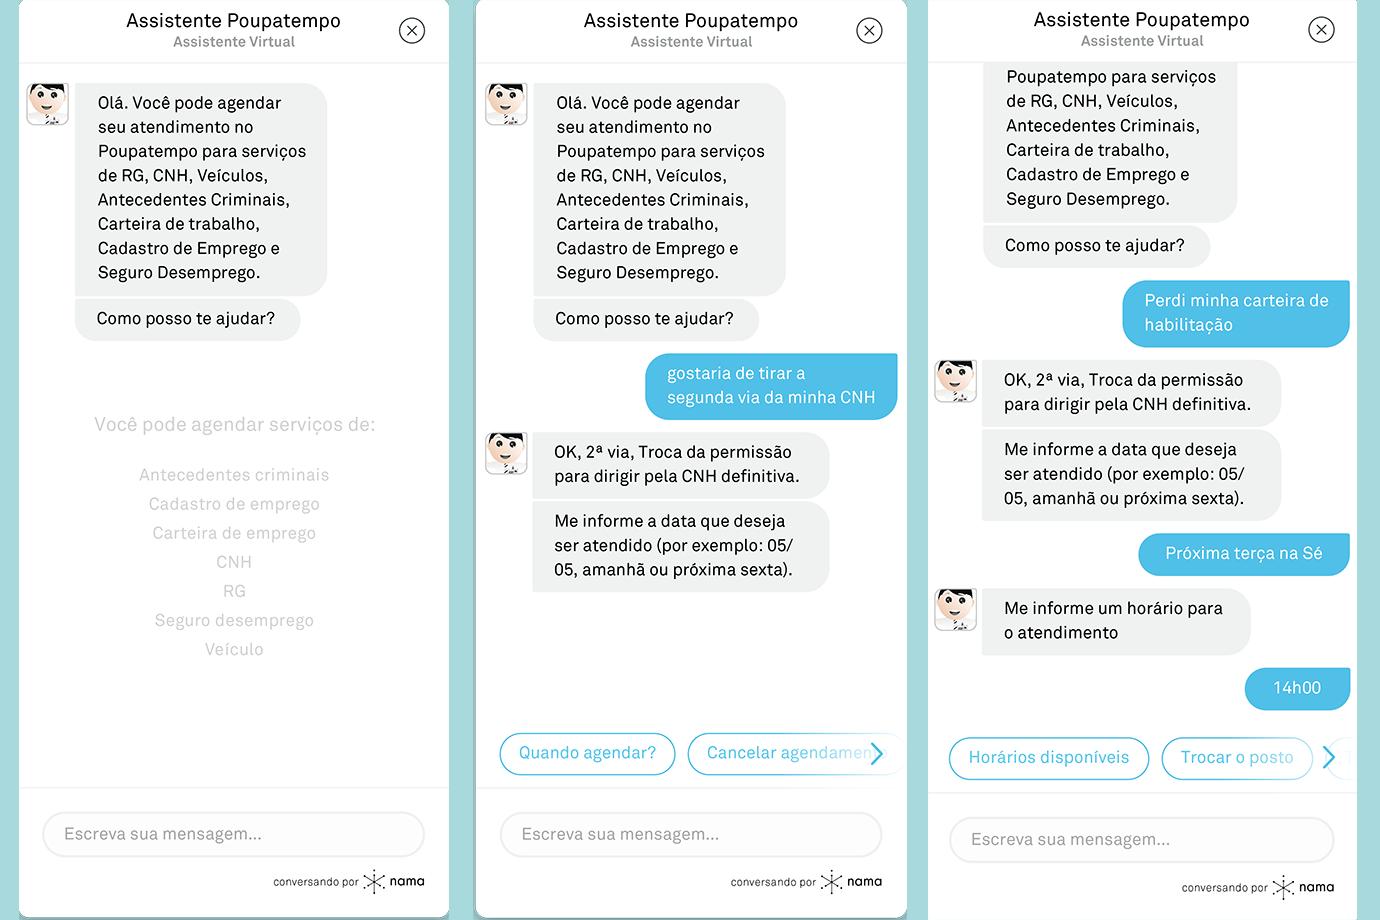 Tela de reprodução do chatbot da Nama